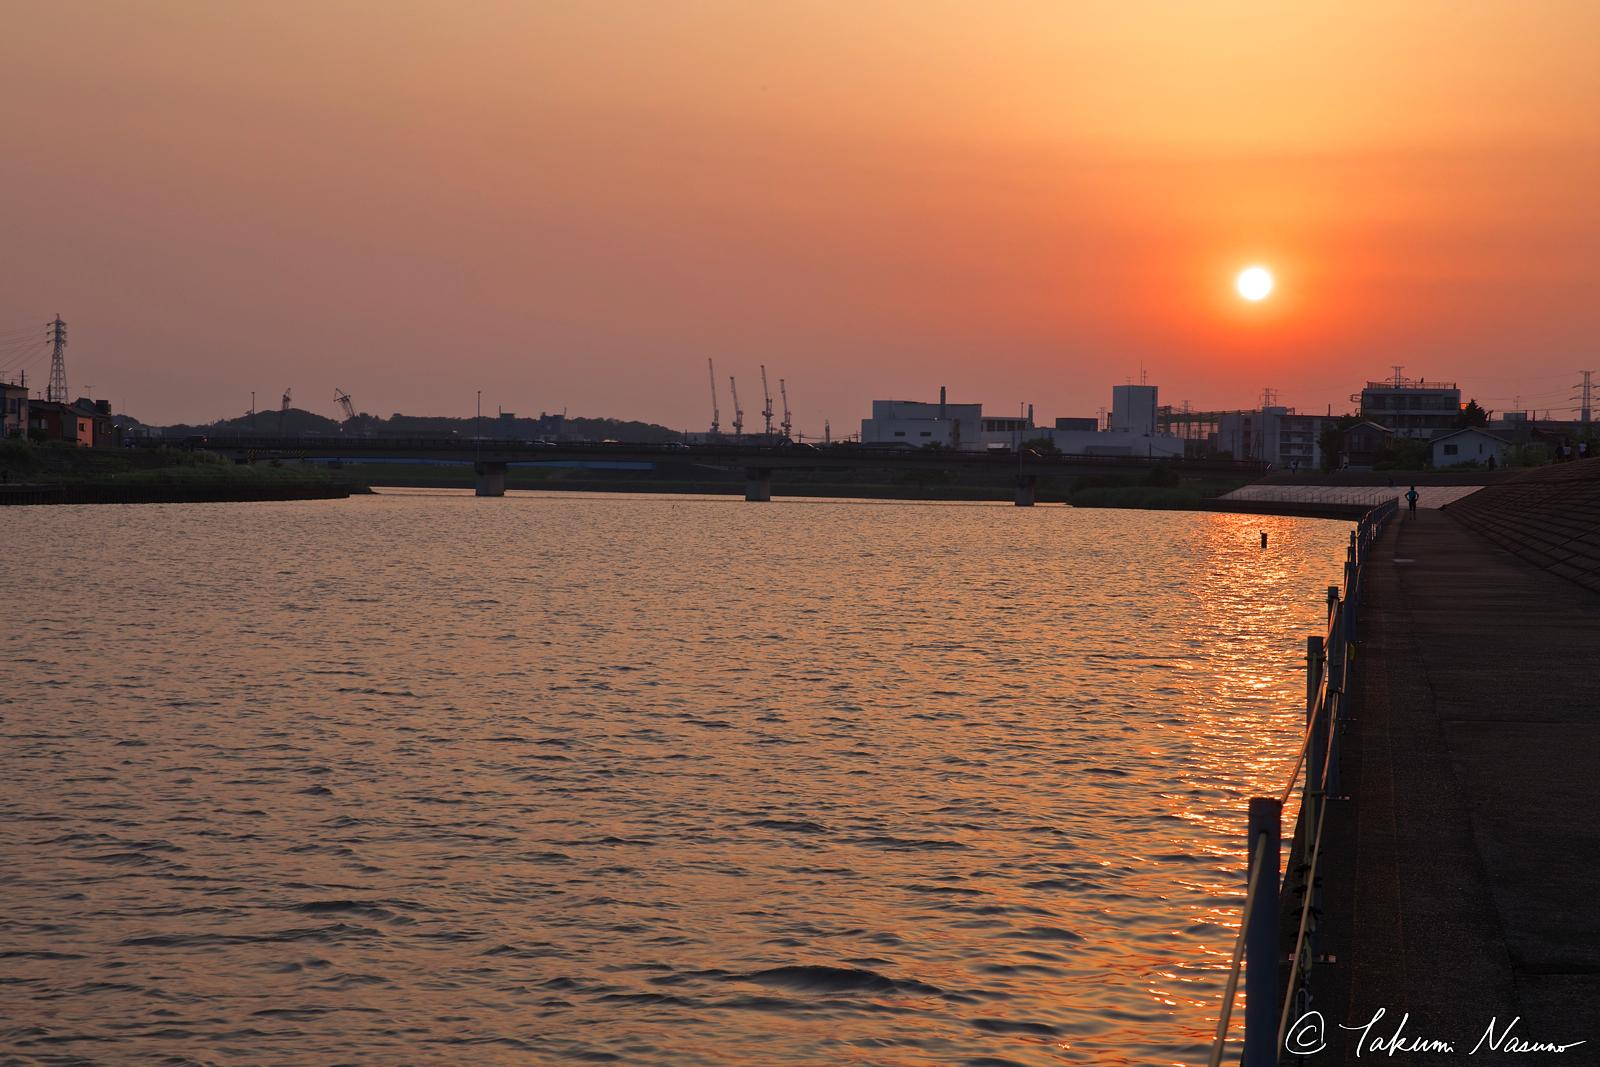 Tsurumi_Tsurumi-River_w16